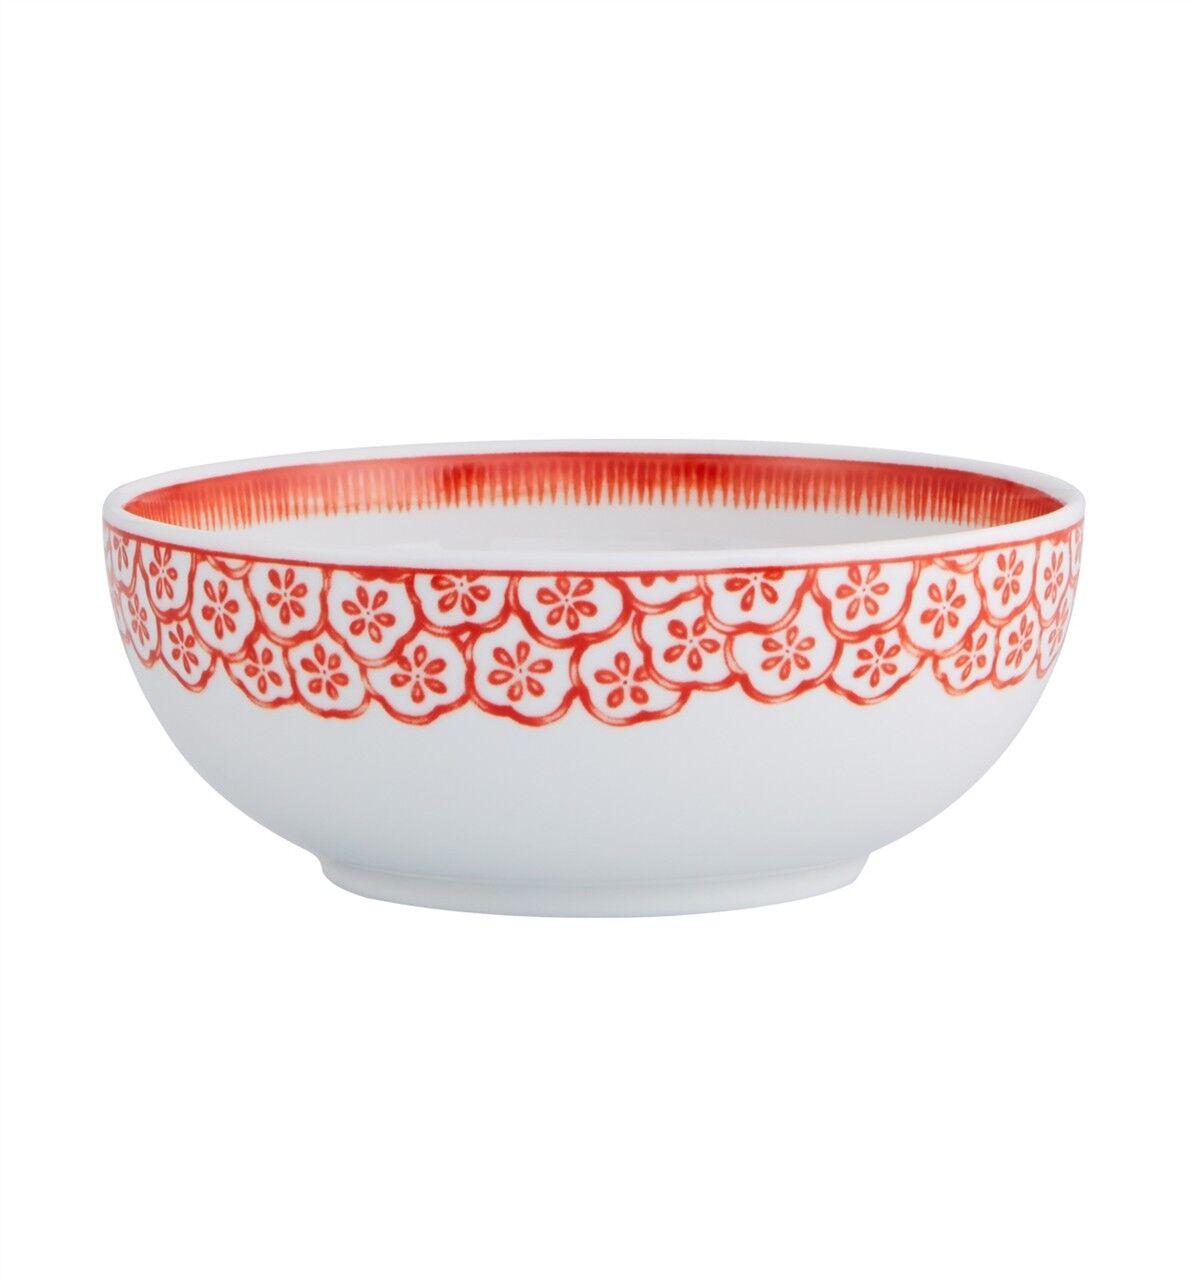 Vista Alegre Coralina Cereal Bowl-Lot de 12